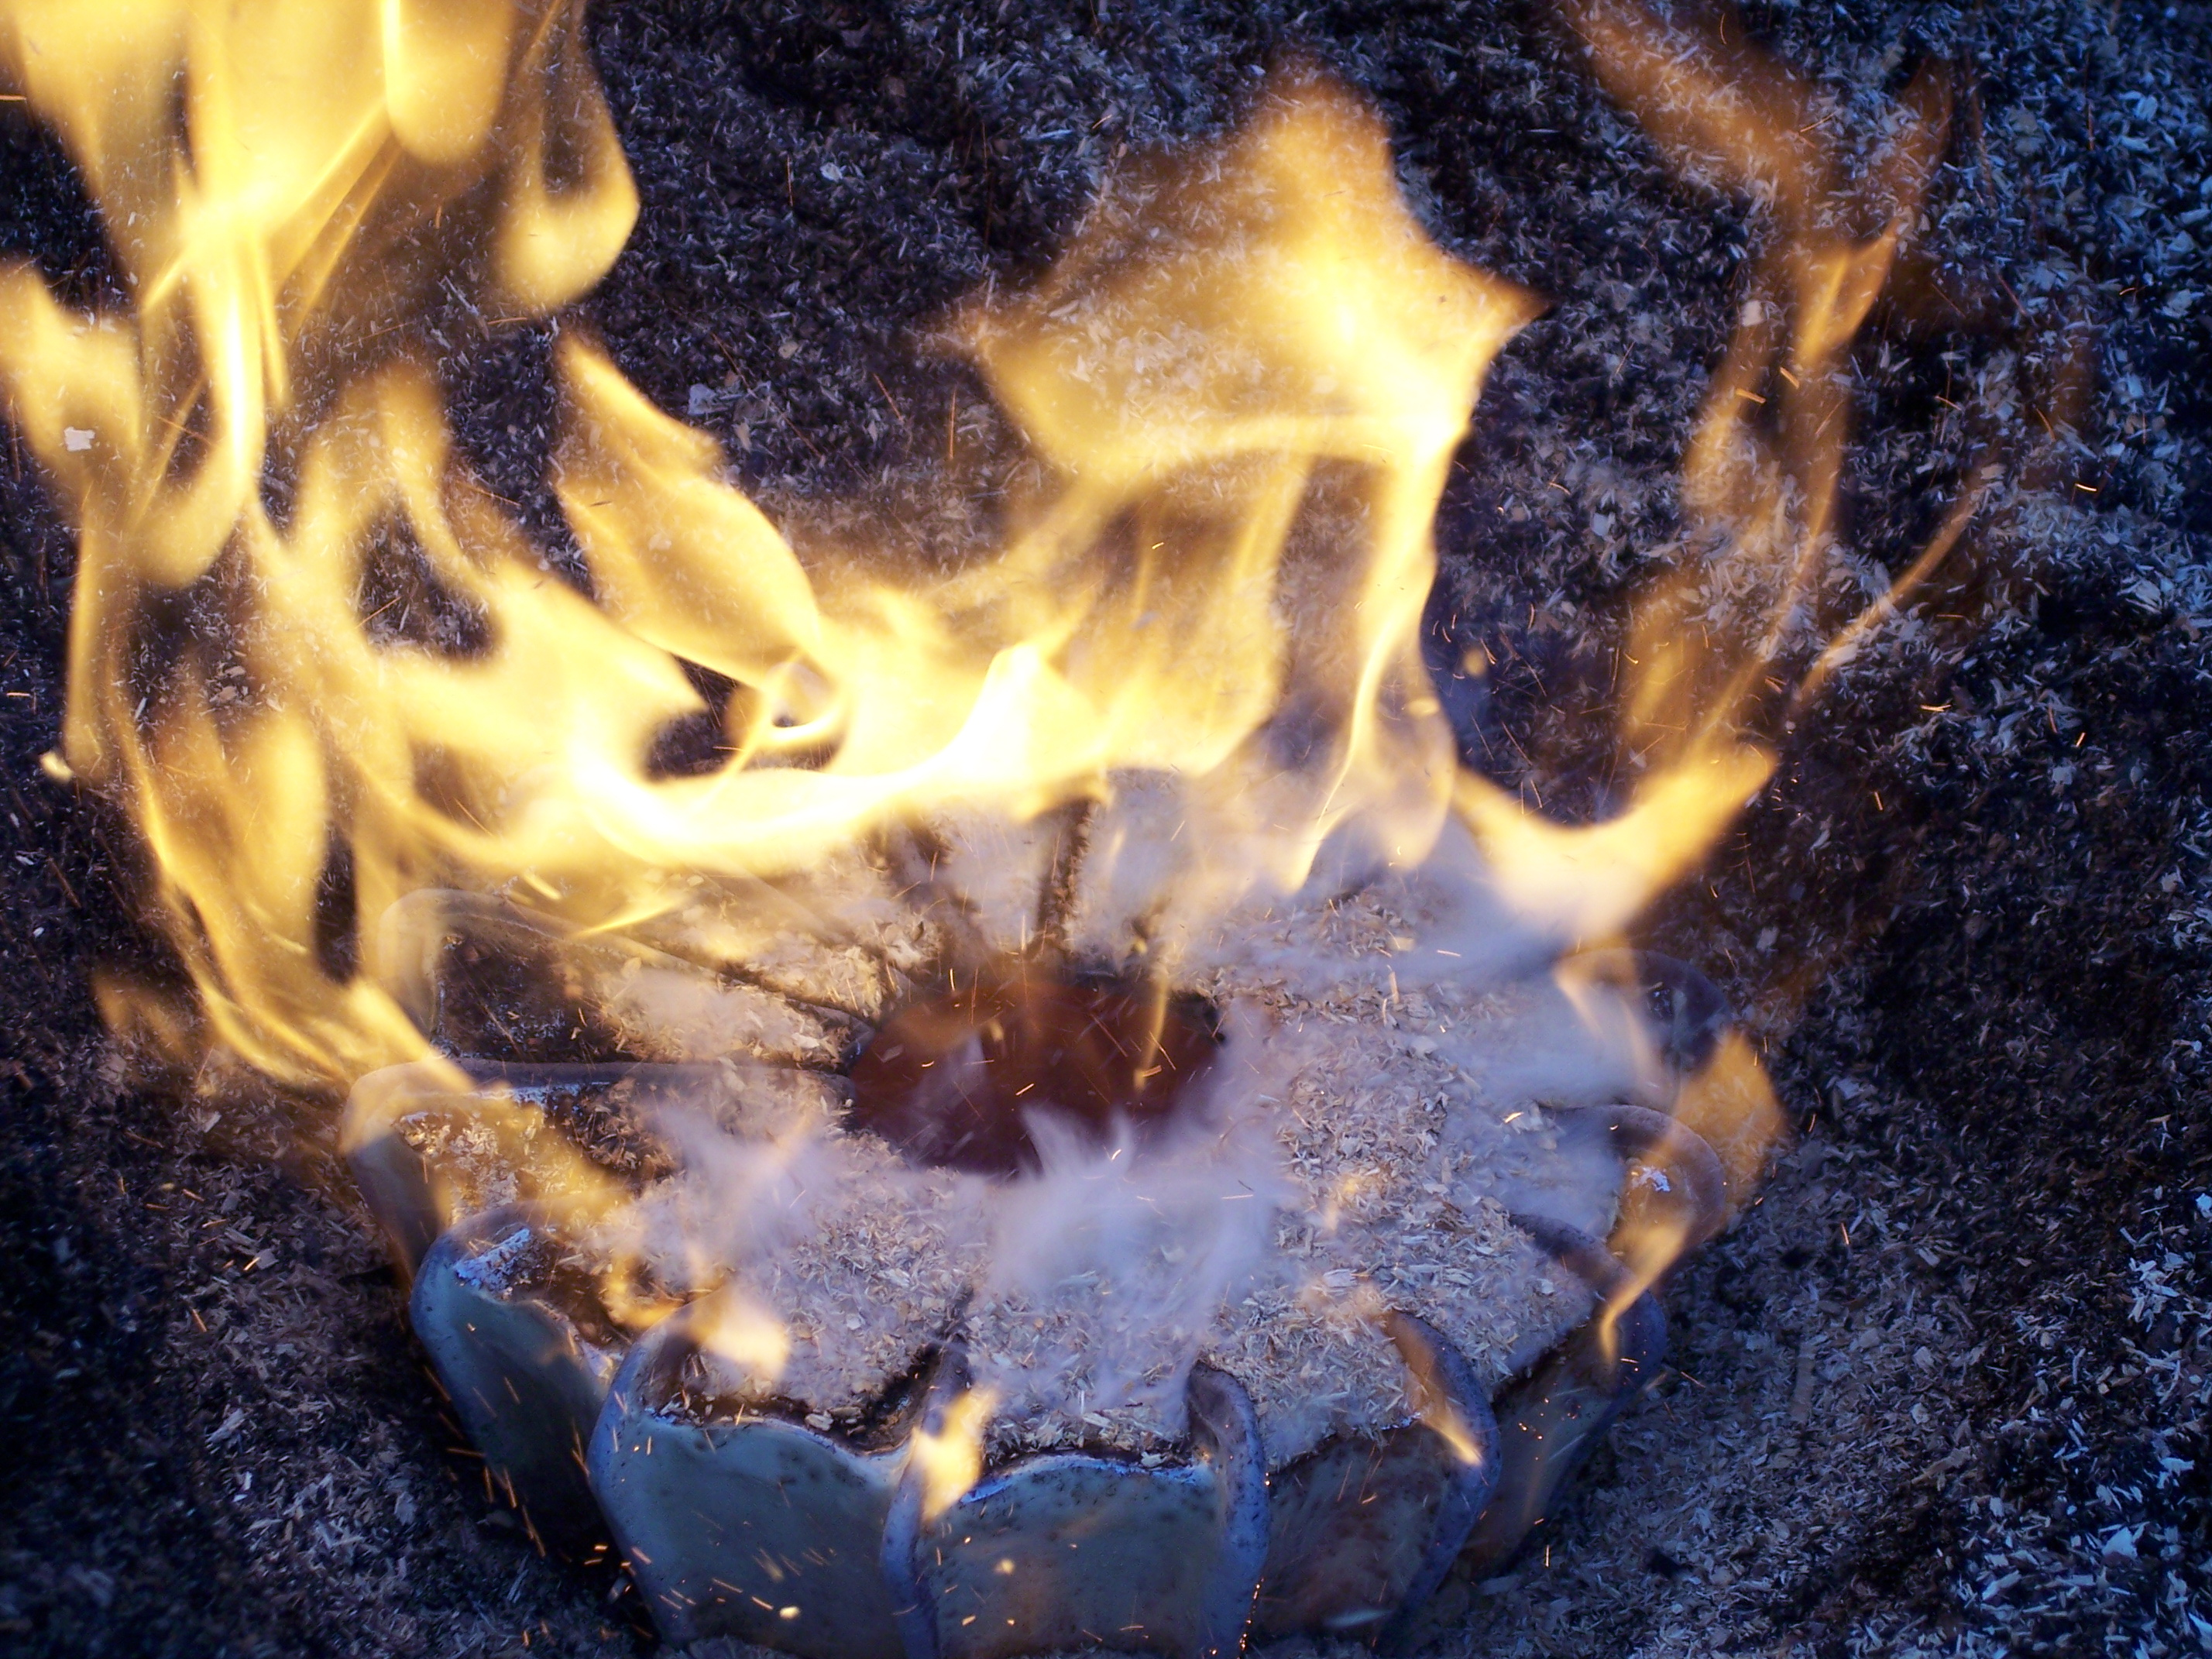 Rippen der vase beginnen sich durch die einlagerung von kohlenstoff